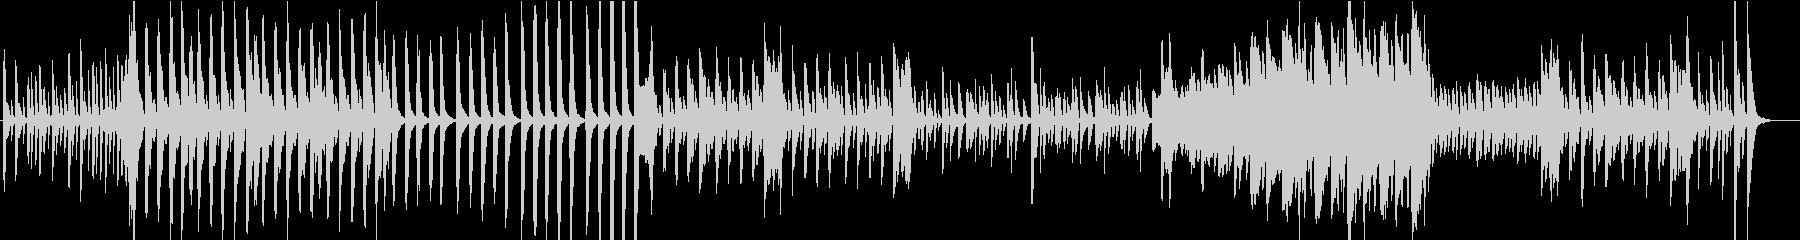 爽やかでシンプルなピアノソロ曲の未再生の波形